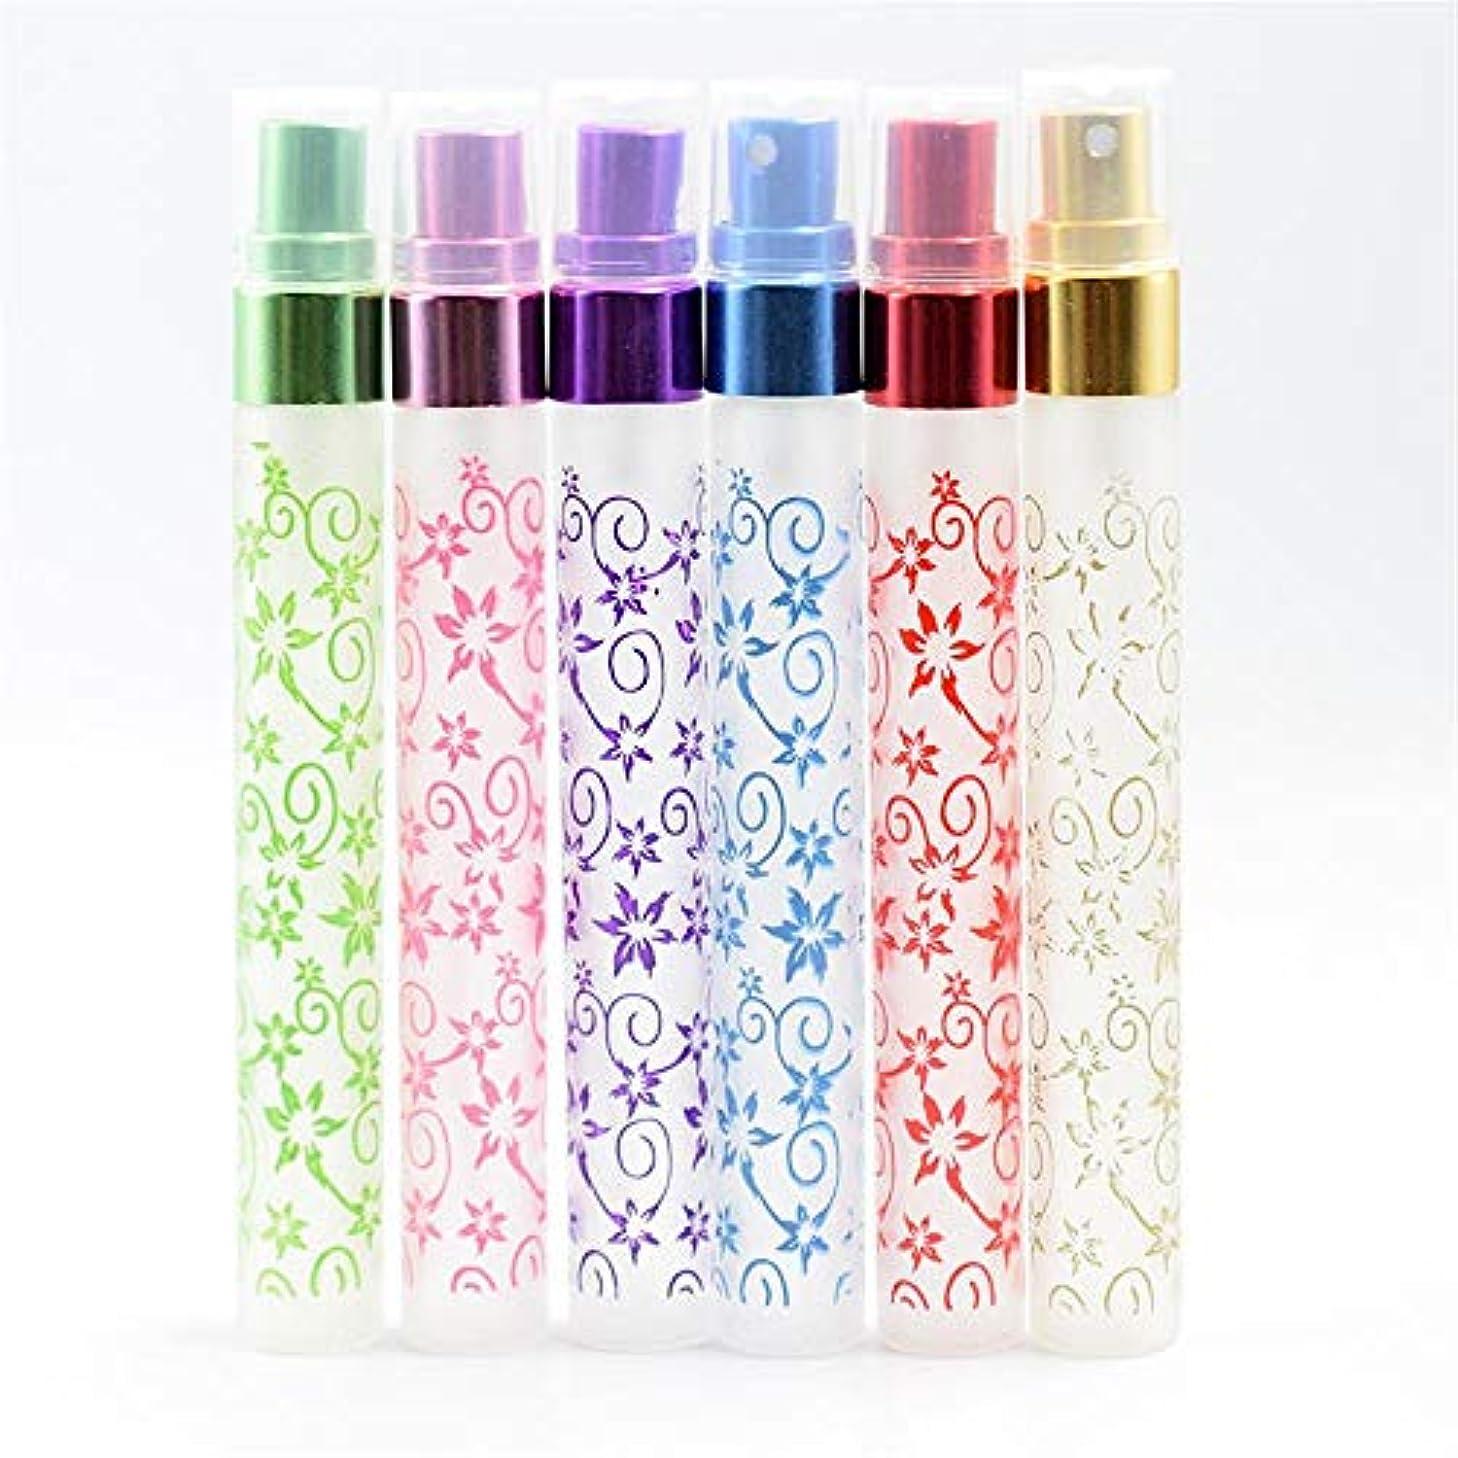 シンボルほんのドアミラーアトマイザー 花柄 詰め替えボトル 香水瓶 化粧水用瓶 アトマイザー ポンプ 6個 10ml